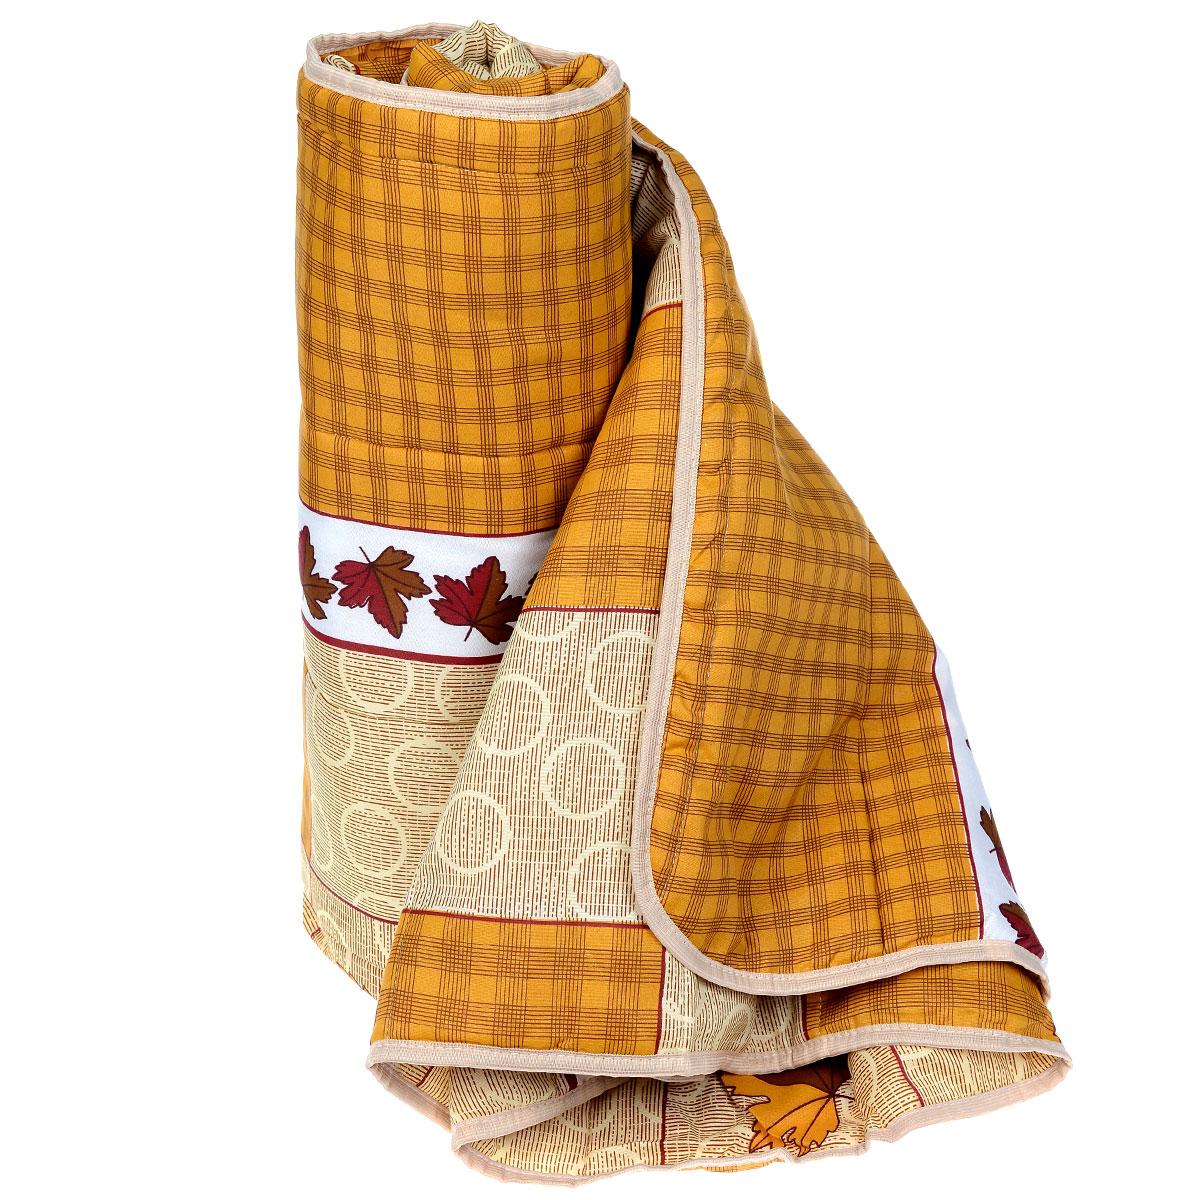 Одеяло летнее OL-Tex Miotex, наполнитель: полиэфирное волокно Holfiteks, 140 см х 205 смМХПЭ-15-1 _коричневый с листьямиЛетнее одеяло OL-Tex Miotex создаст комфорт и уют во время сна. Стеганый чехол выполнен из полиэстера и оформлен красочным рисунком. Внутри - наполнитель из полиэфирного высокосиликонизированного волокна Holfiteks, упругий и качественный. Холфитекс - современный экологически чистый синтетический материал, изготовленный по новейшим технологиям. Его уникальность заключается в расположении волокон, которые позволяют моментально восстанавливать форму и сохранять ее долгое время. Изделия с использованием Холфитекса очень удобны в эксплуатации - их можно часто стирать без потери потребительских свойств, они быстро высыхают, не впитывают запахов и совершенно гиппоаллергенны. Холфитекс также обеспечивает хорошую терморегуляцию, поэтому изделия с наполнителем из холфитекса очень комфортны в использовании. Летнее одеяло с наполнителем Холфитекс прекрасно держит тепло, при этом оно очень легкое и уютное. Оно комфортно согревает и создает отличный микроклимат, под ним не будет жарко спать летом. За одеялом легко ухаживать, можно стирать в стиральной машинке.Рекомендации по уходу:- Ручная и машинная стирка при температуре 30°С.- Не гладить.- Не отбеливать. - Нельзя отжимать и сушить в стиральной машине.- Сушить вертикально. Размер одеяла: 140 см х 205 см. Материал чехла: 100% полиэстер. Материал наполнителя: полиэфирное высокосиликонизированное волокно Holfiteks. Плотность: 100 г/м2.